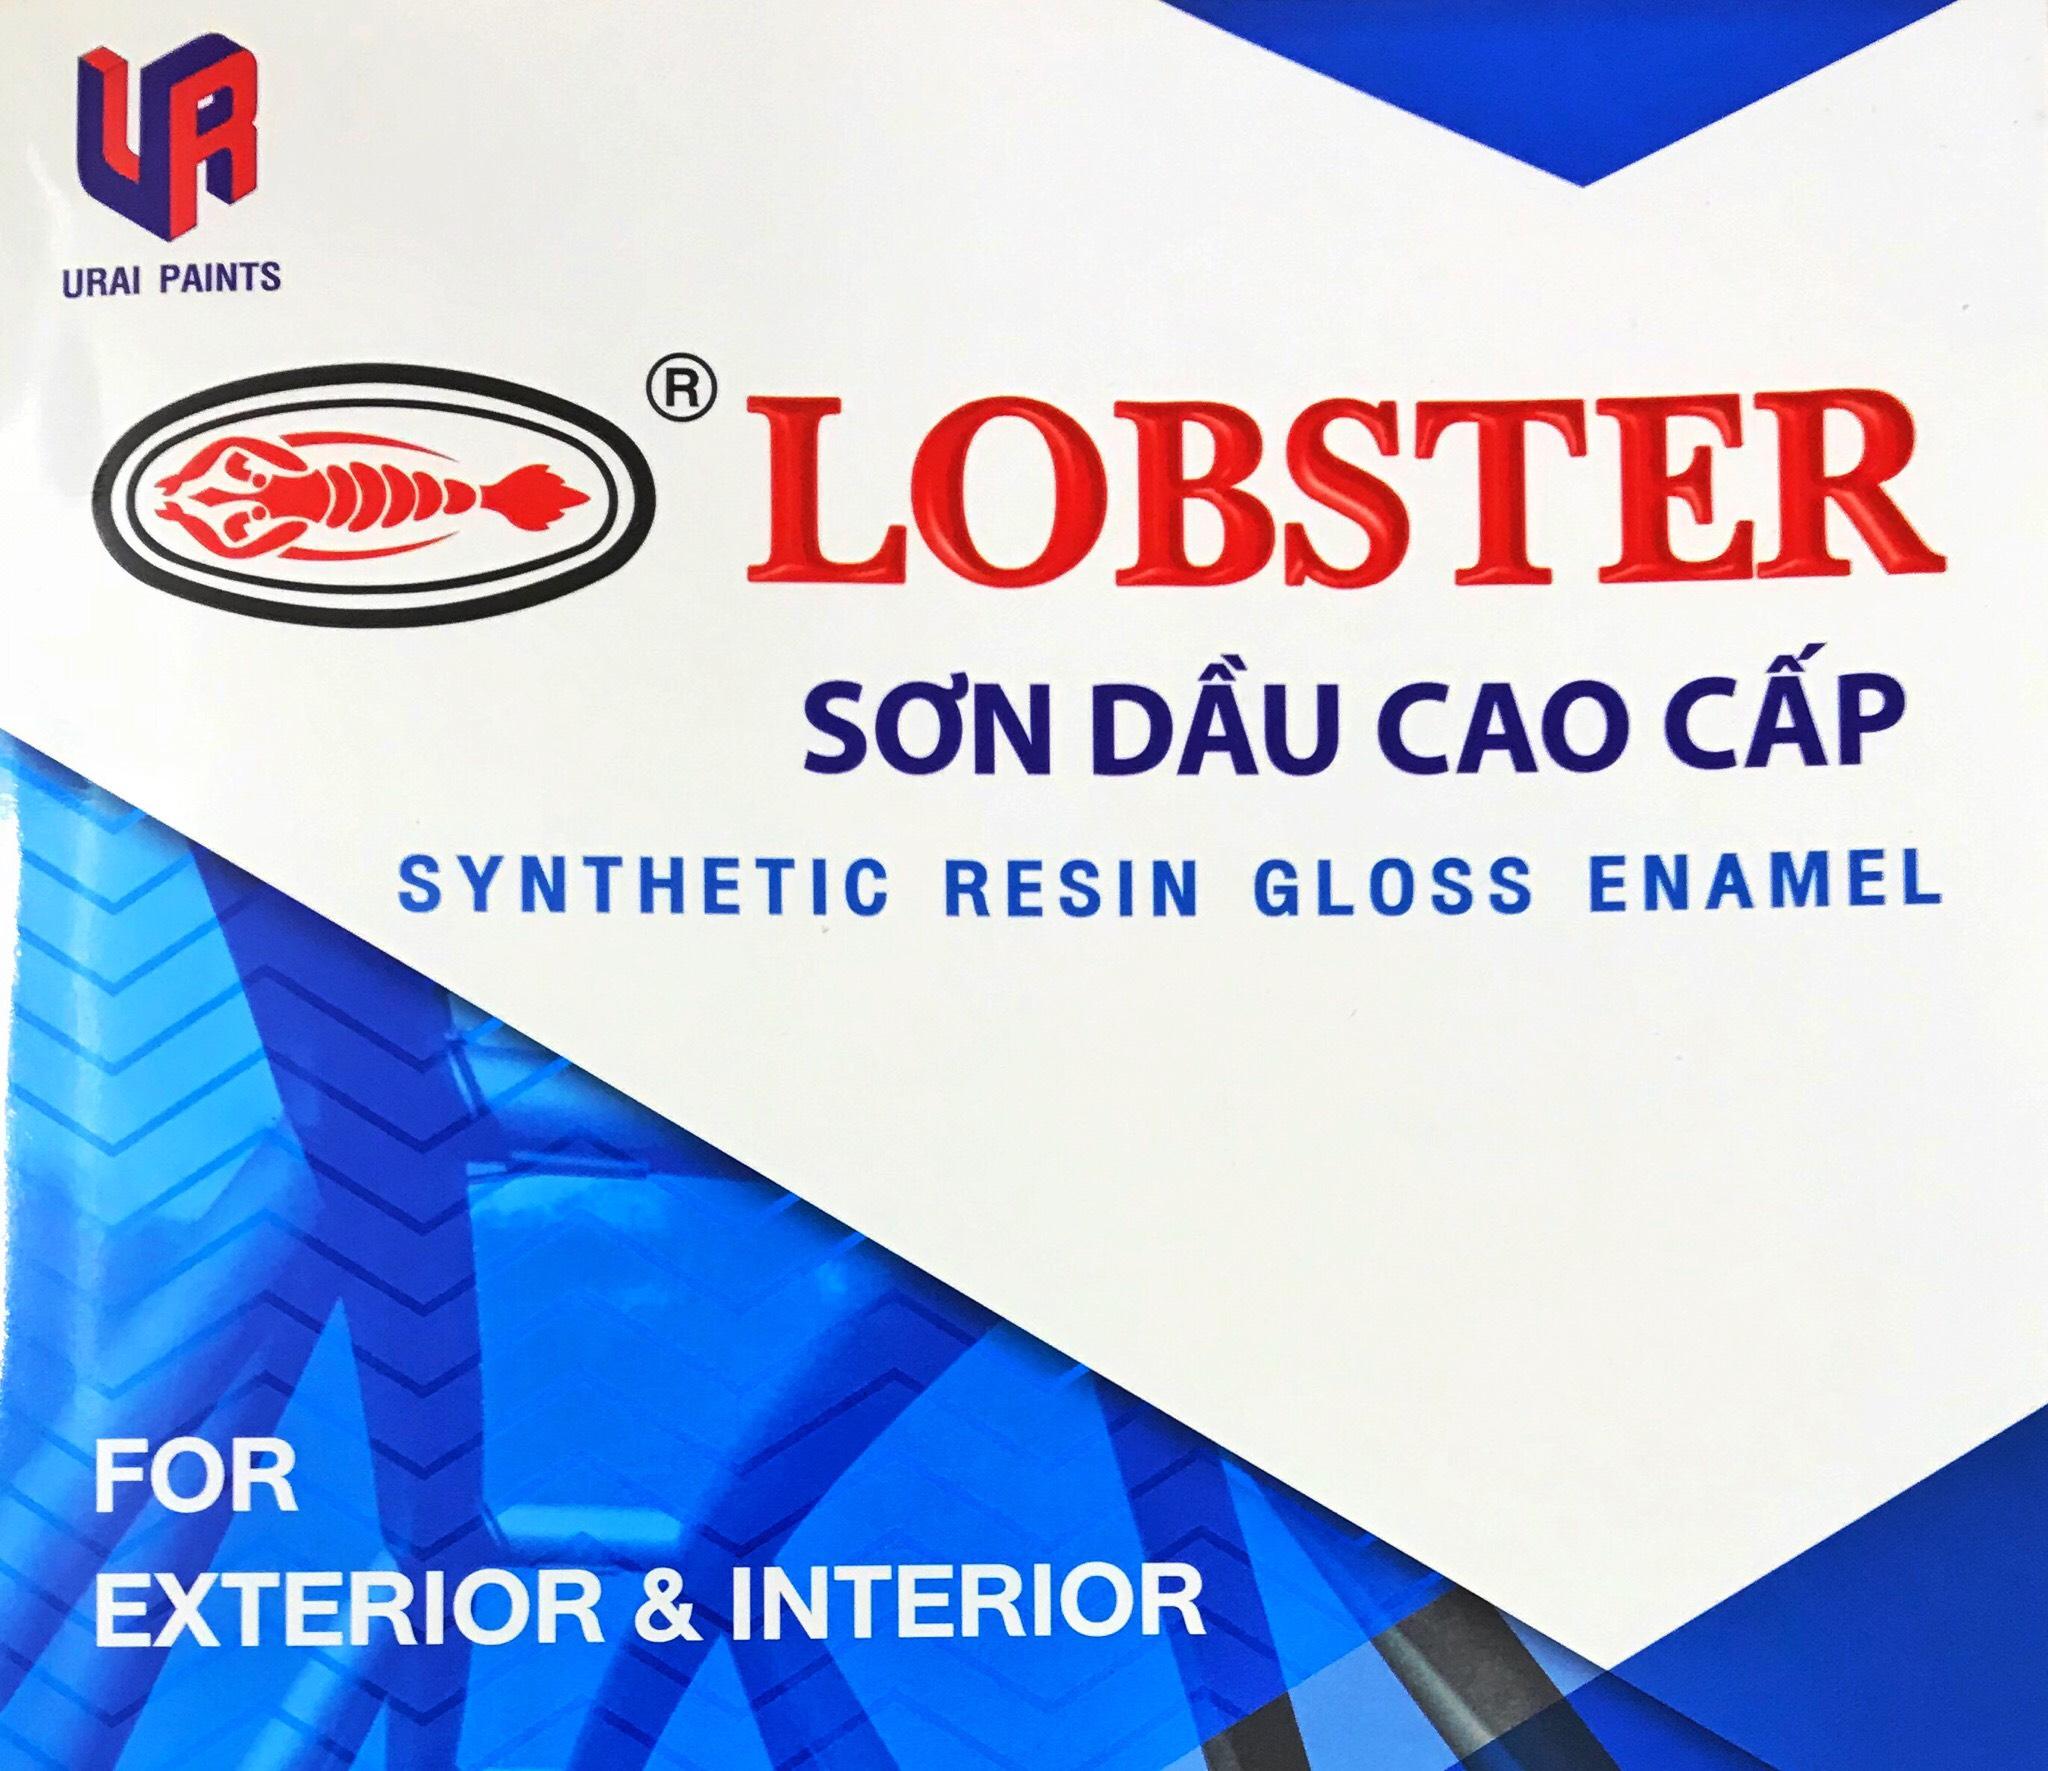 Bảng màu sơn dầu cao cấp Lobster